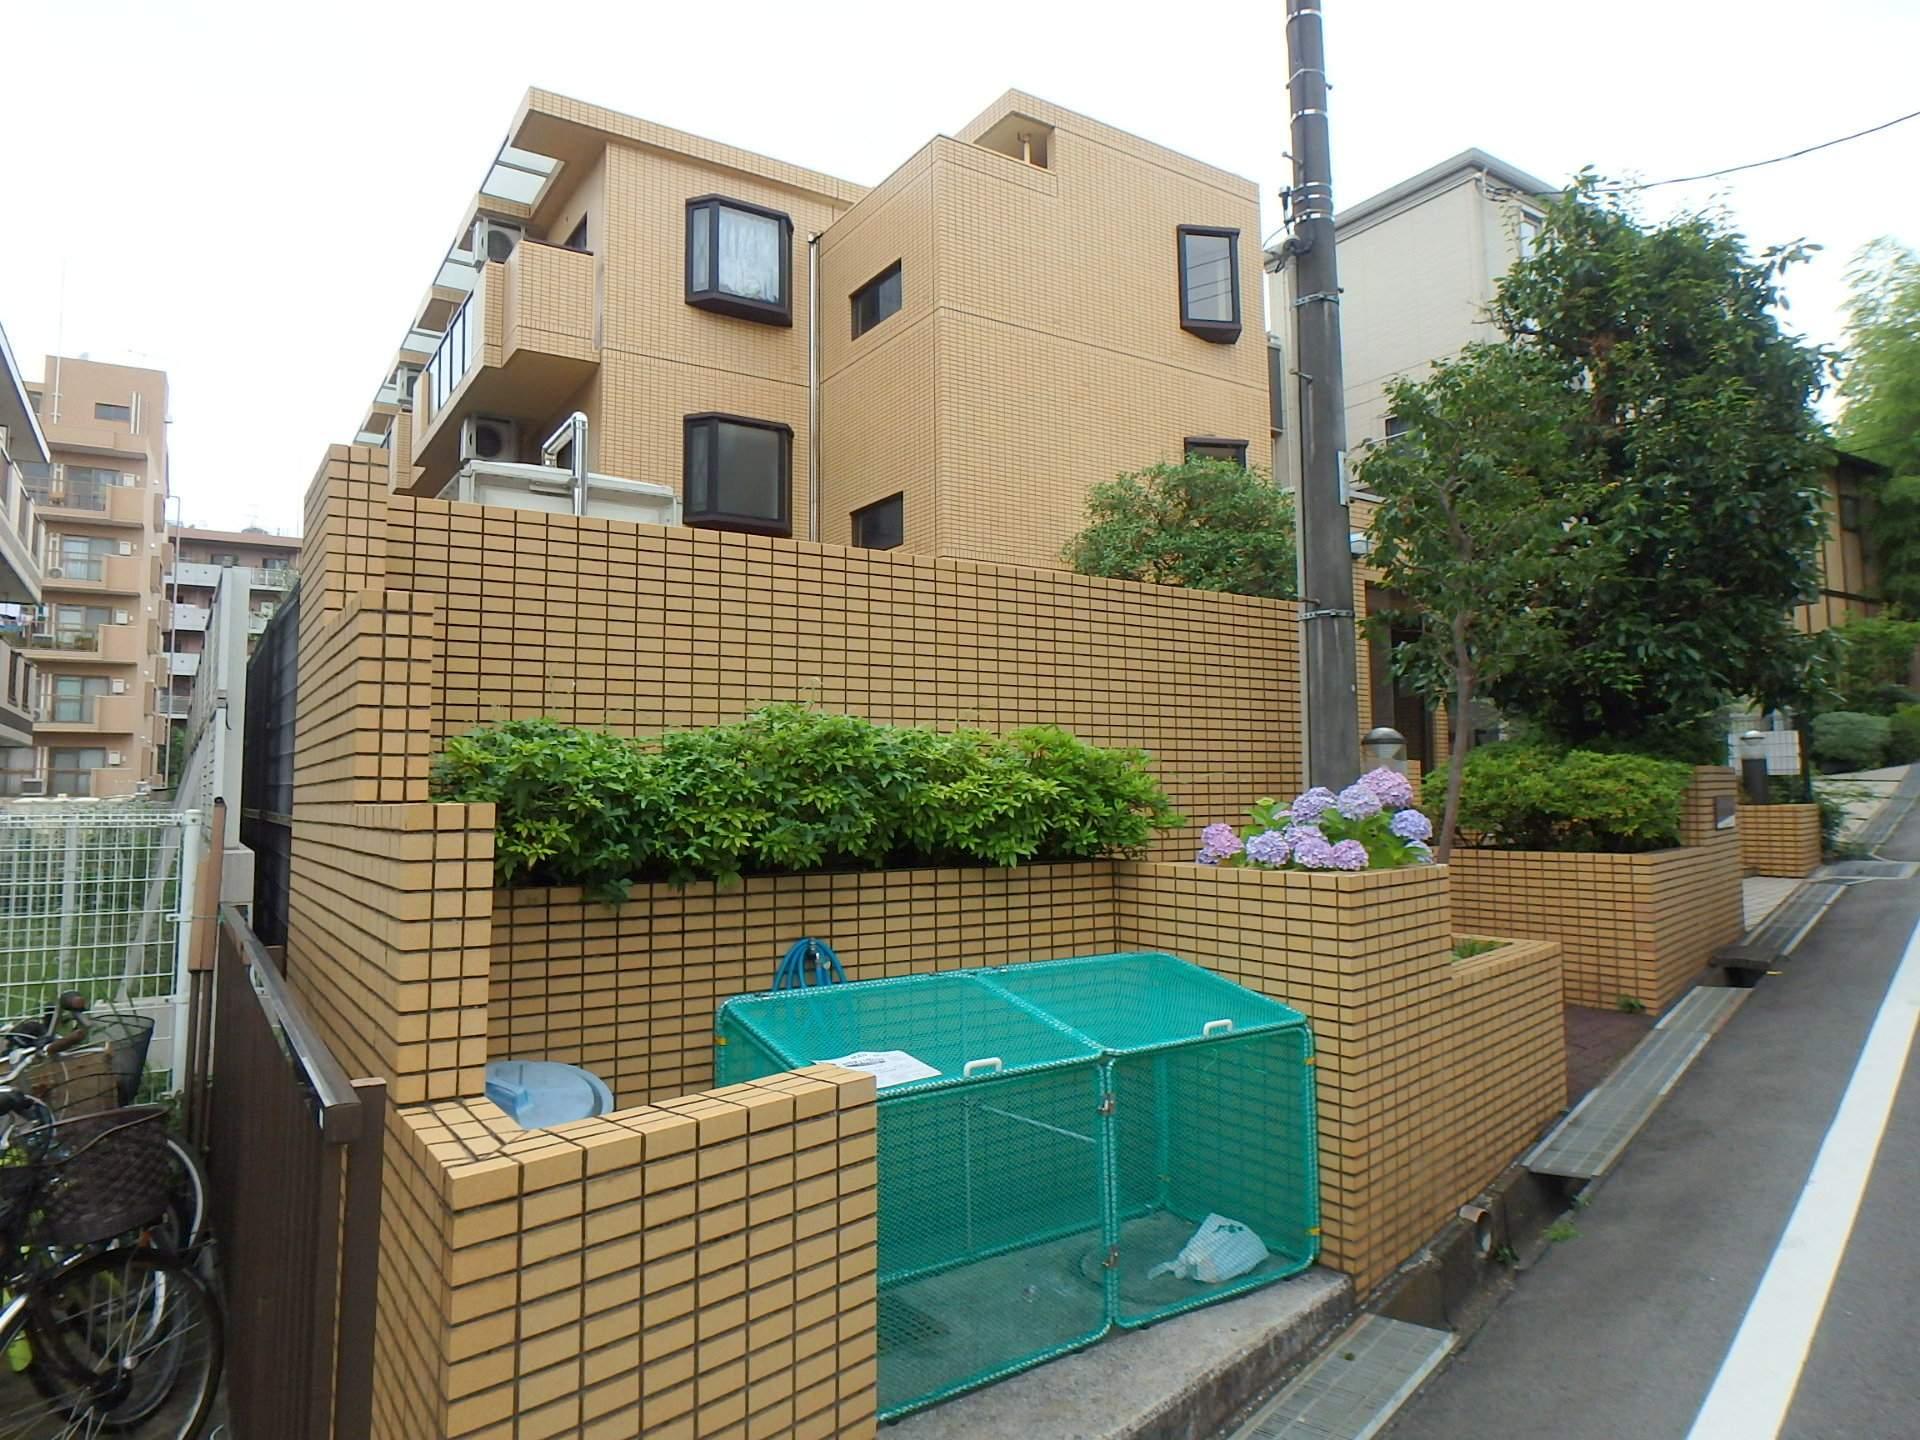 神奈川県川崎市宮前区、鷺沼駅徒歩4分の築25年 3階建の賃貸マンション